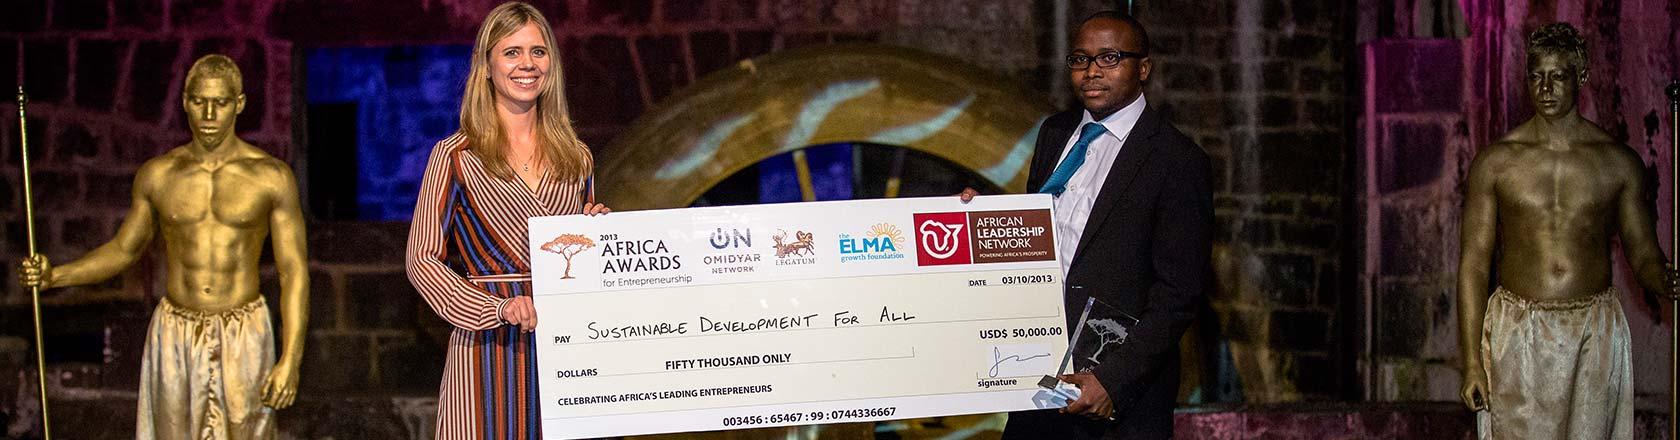 2014 Africa Awards for Entrepreneurship – Applications now open!